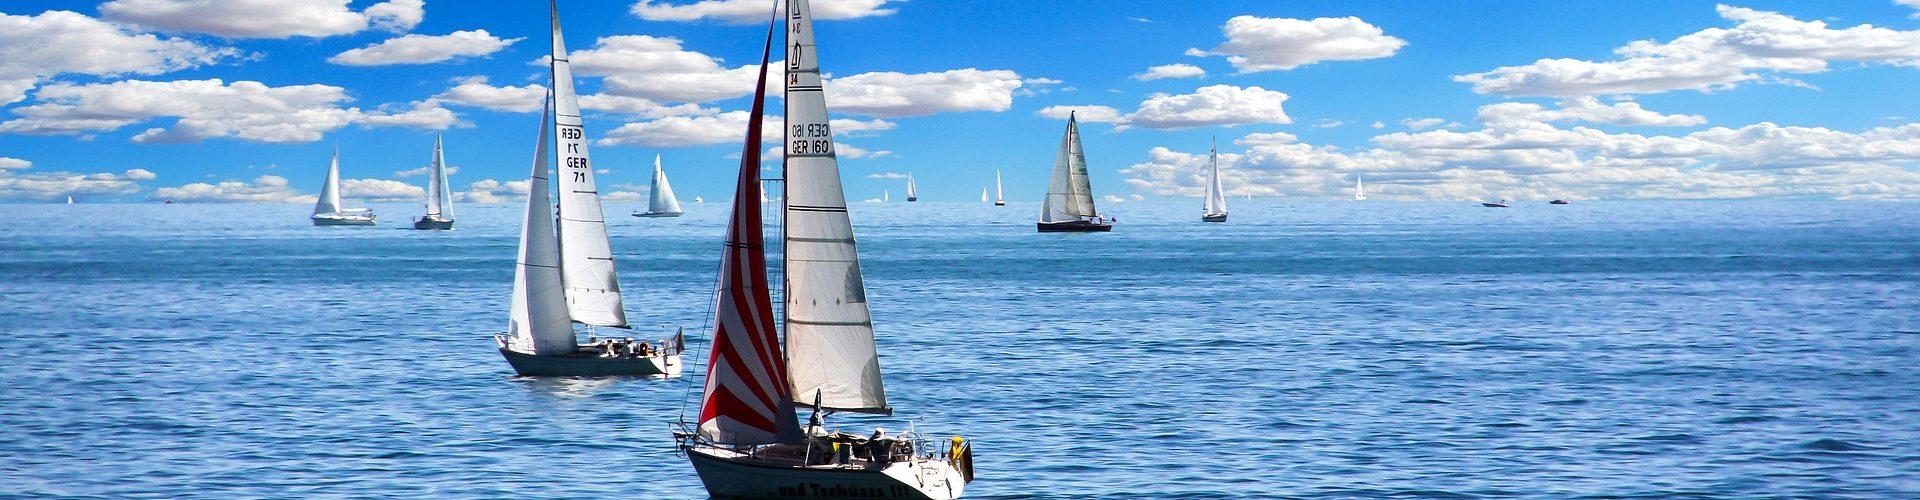 segeln lernen in Idar Oberstein segelschein machen in Idar Oberstein 1920x500 - Segeln lernen in Idar-Oberstein